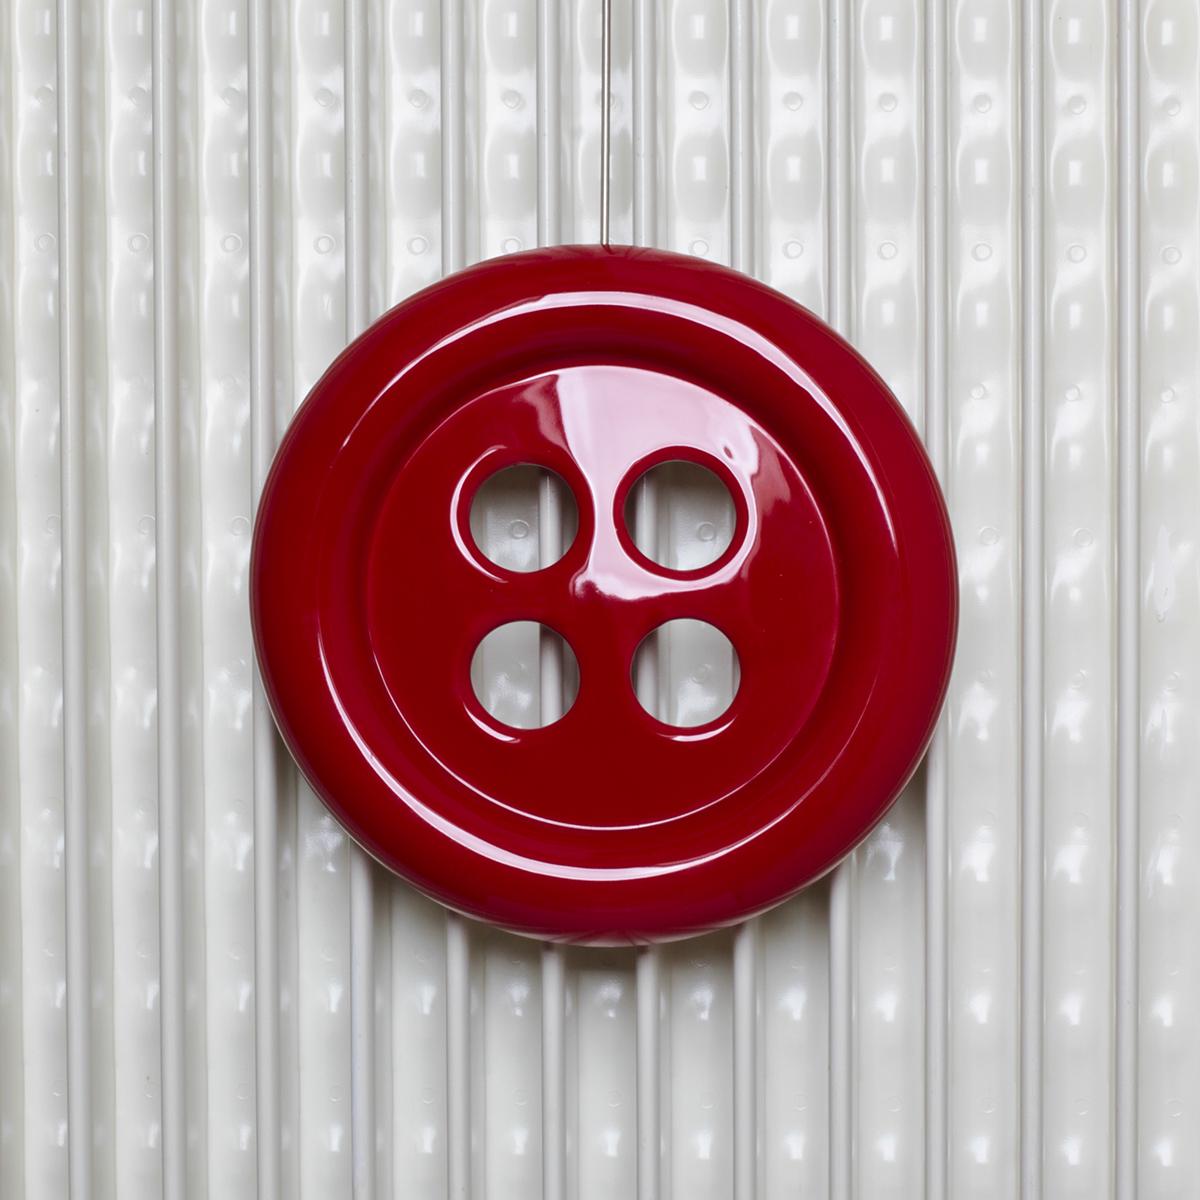 umidificatore design a forma di bottone rosso